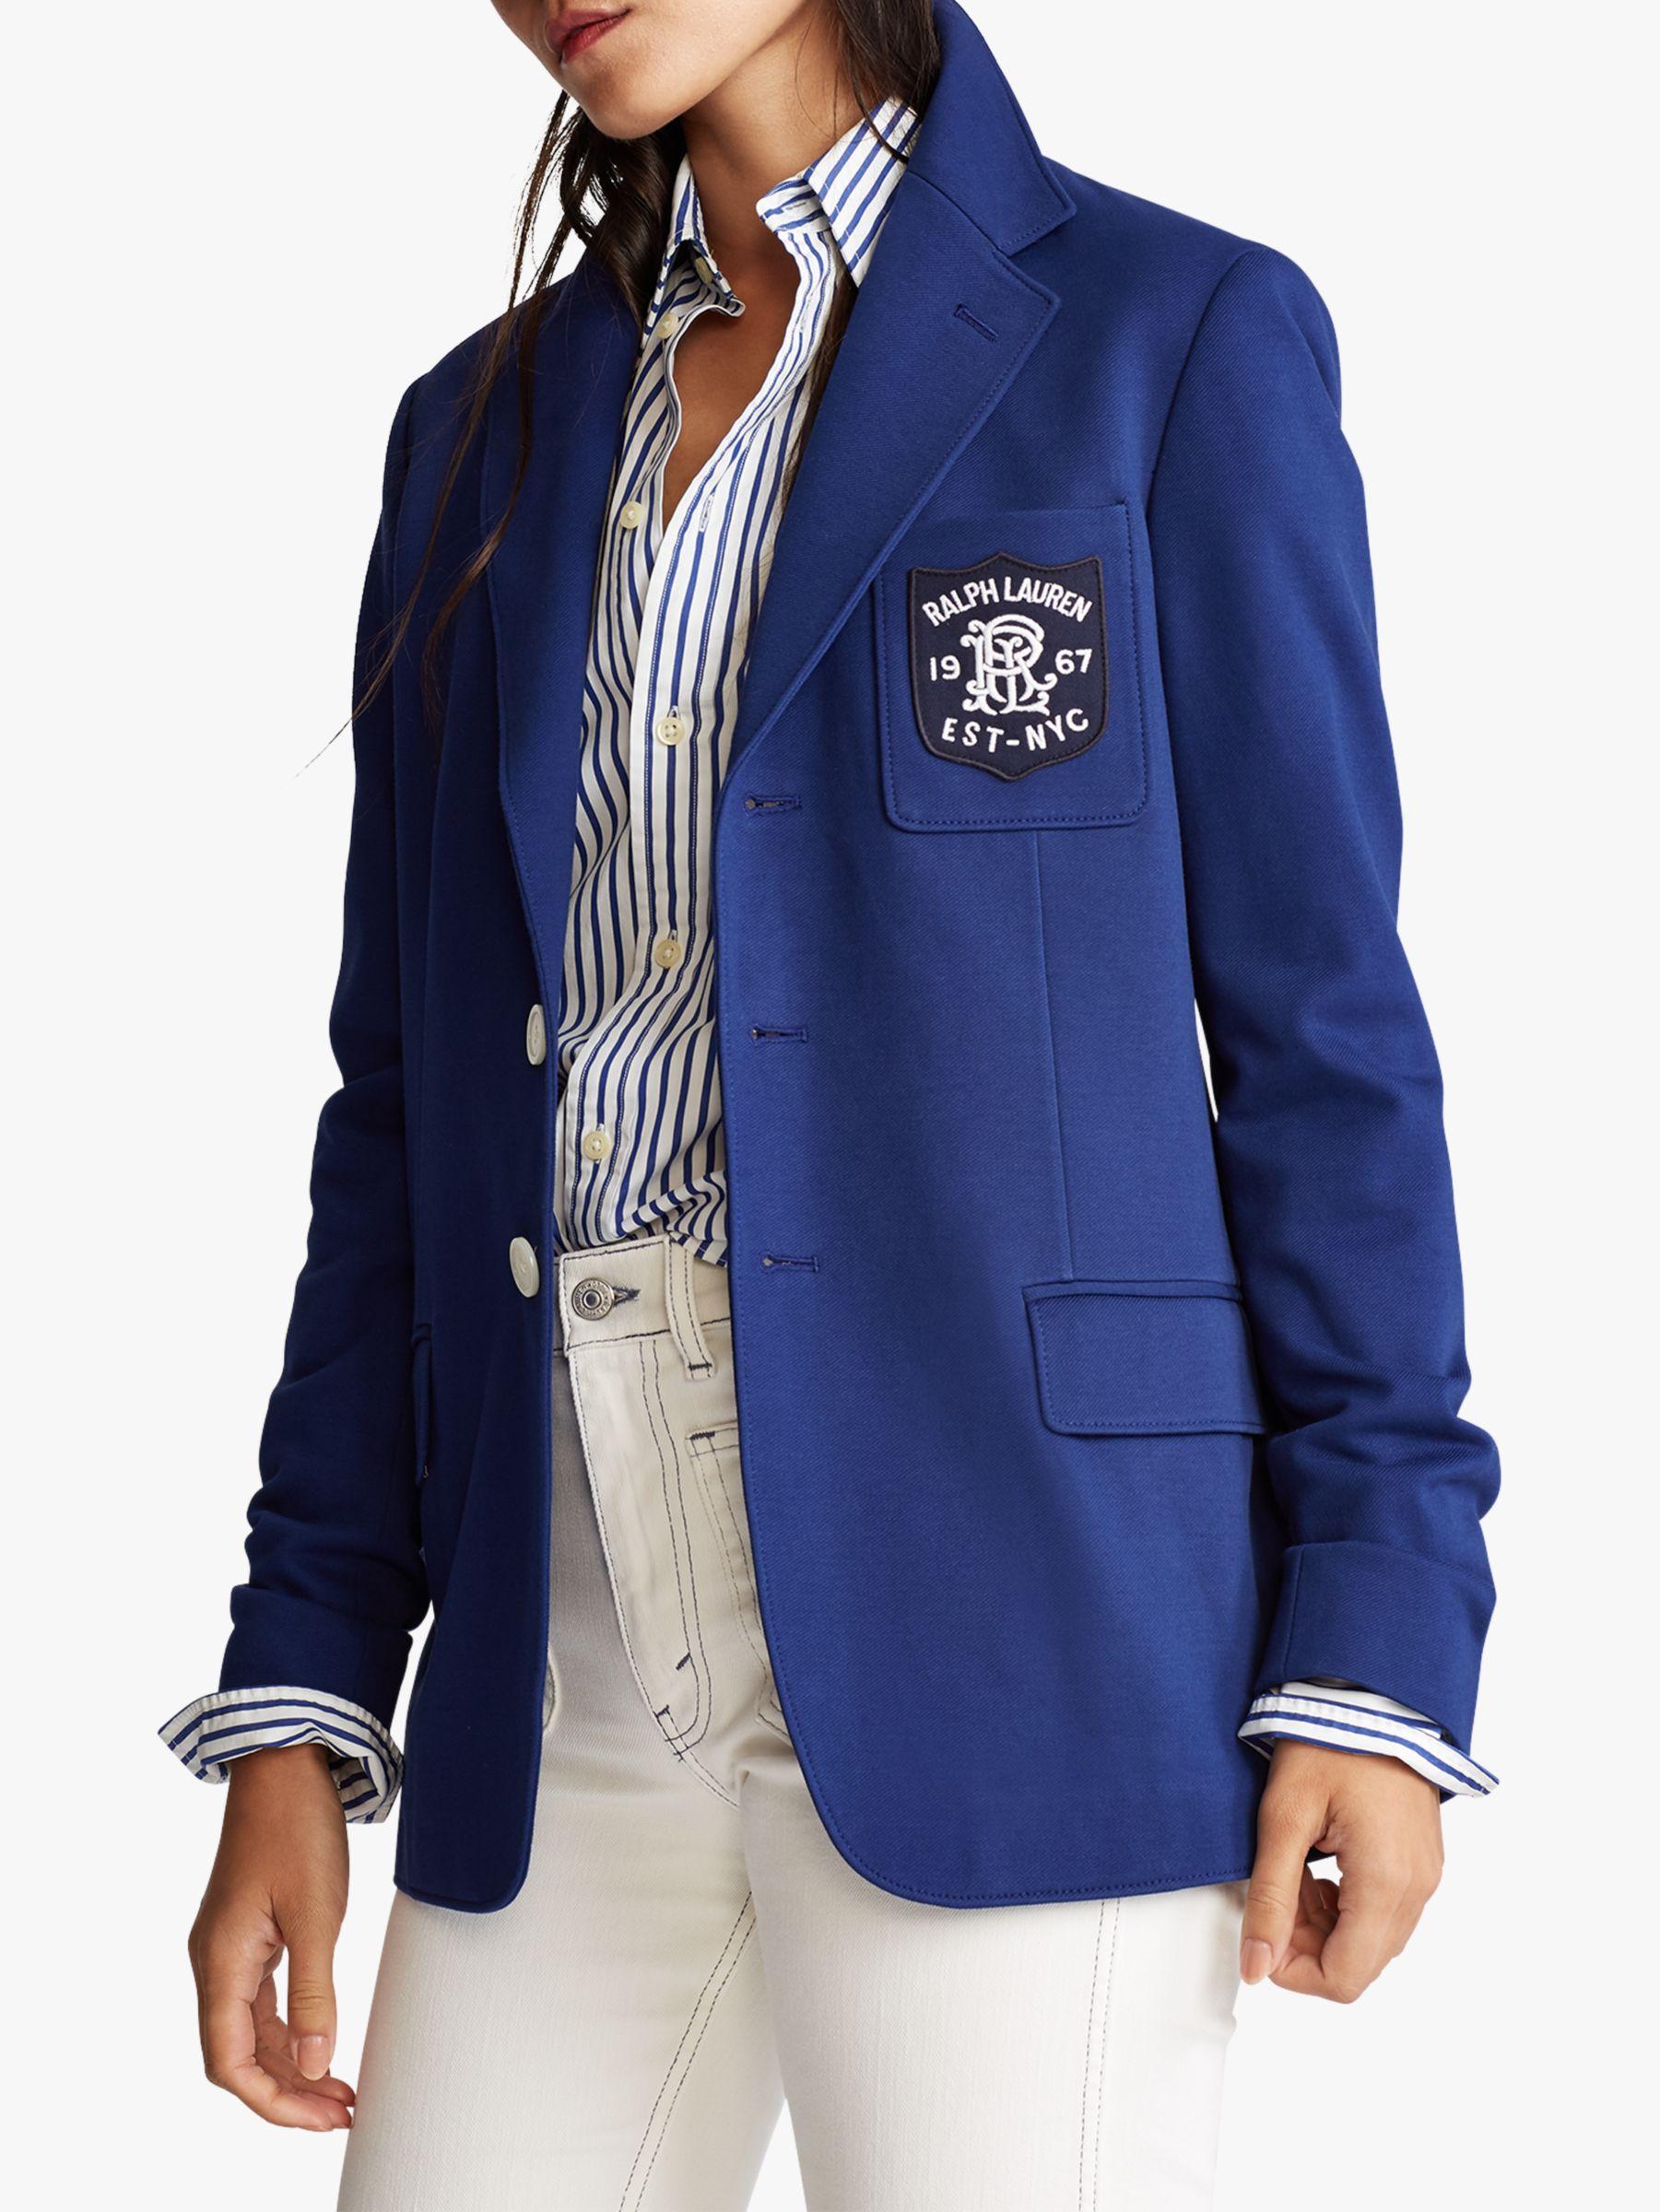 Ralph Lauren Polo Ralph Lauren Jacquard Blazer, Fall Royal